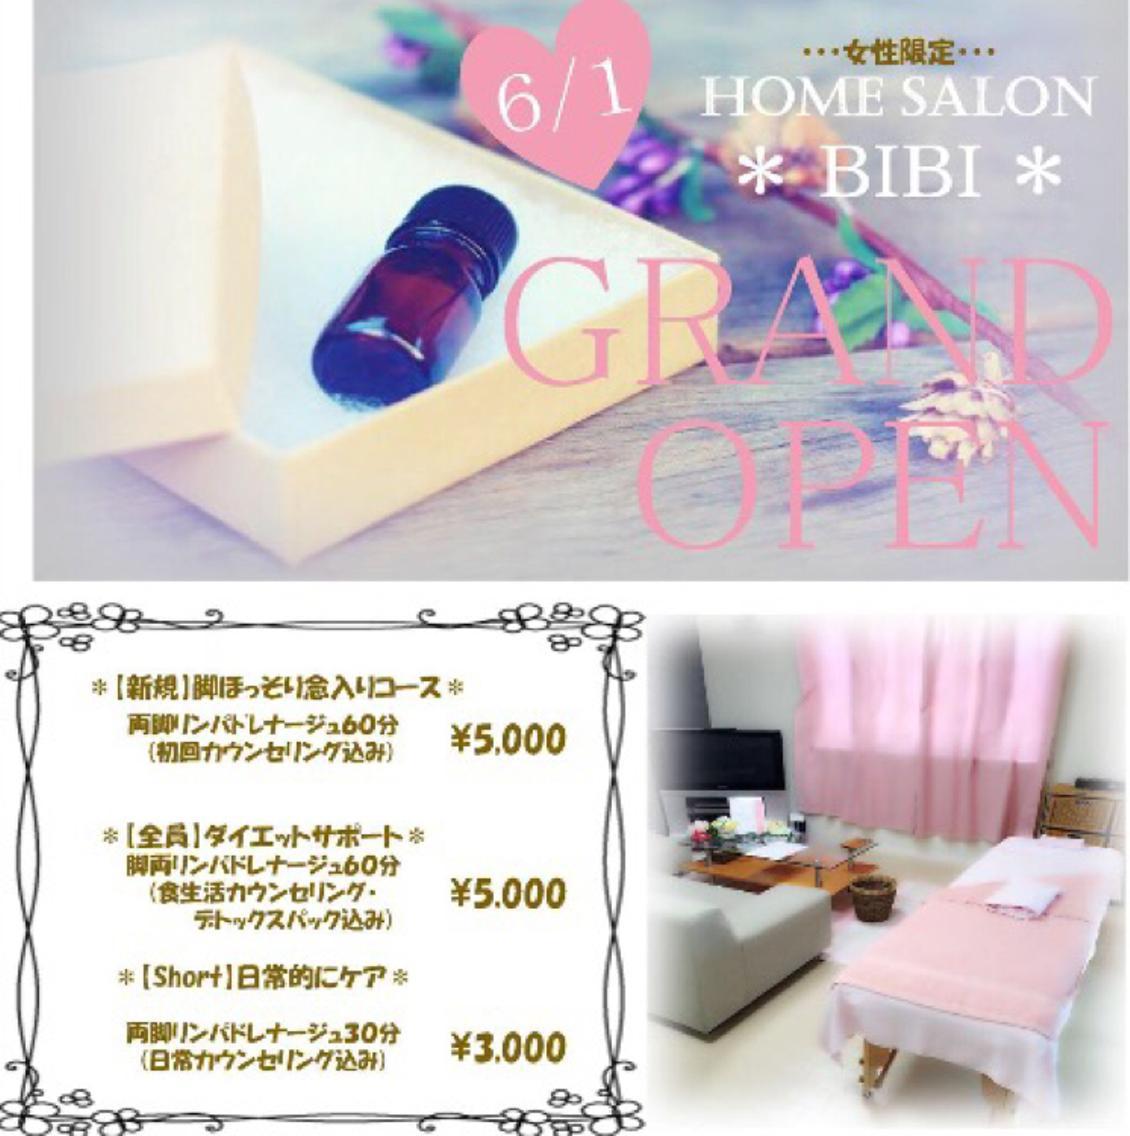 【破格の体験価格】両脚(表+裏)¥3000